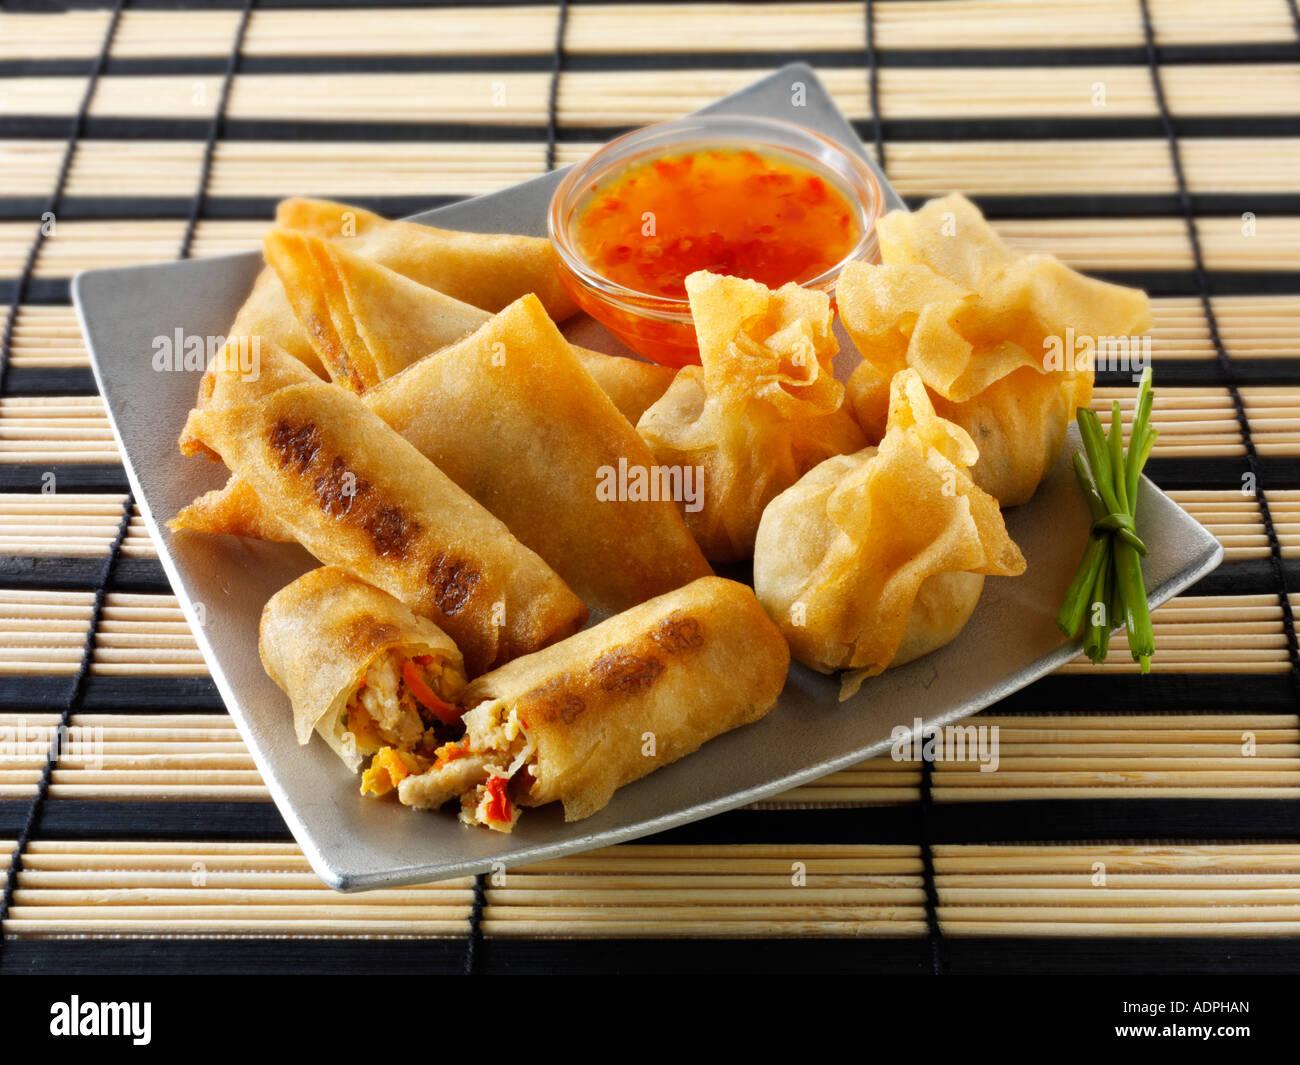 Selección orientales con dim sum rollitos de primavera de Pollo con verduras y samosas con salsa de chili Imagen De Stock